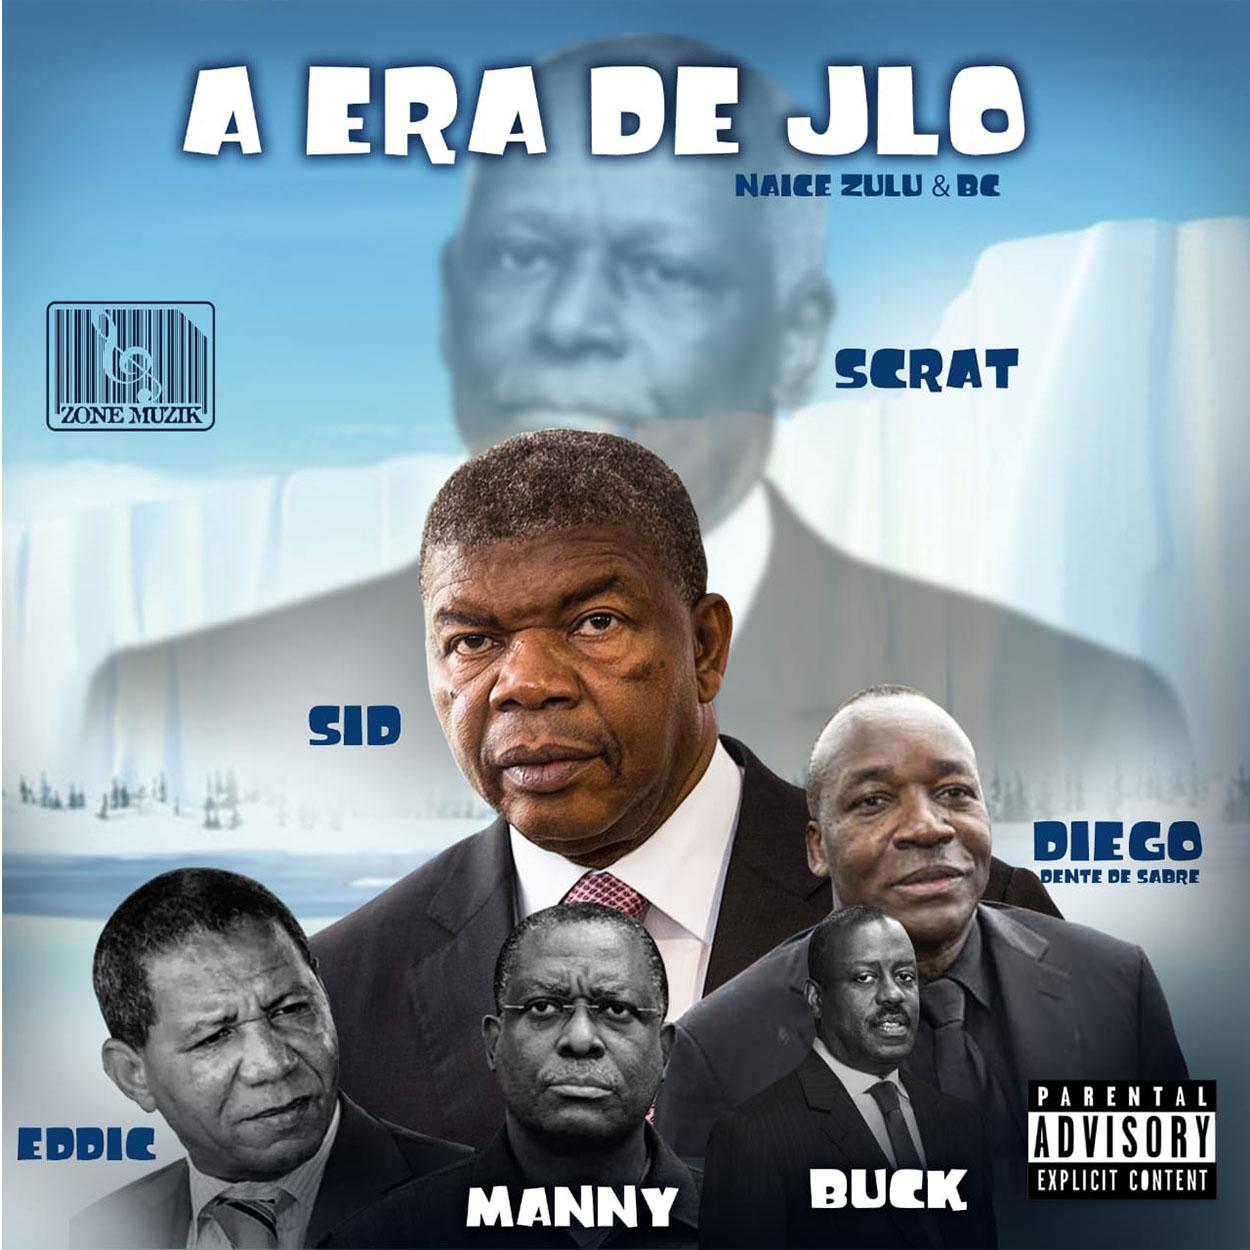 Naice Zulu & BC - A Era do JLO (Álbum)